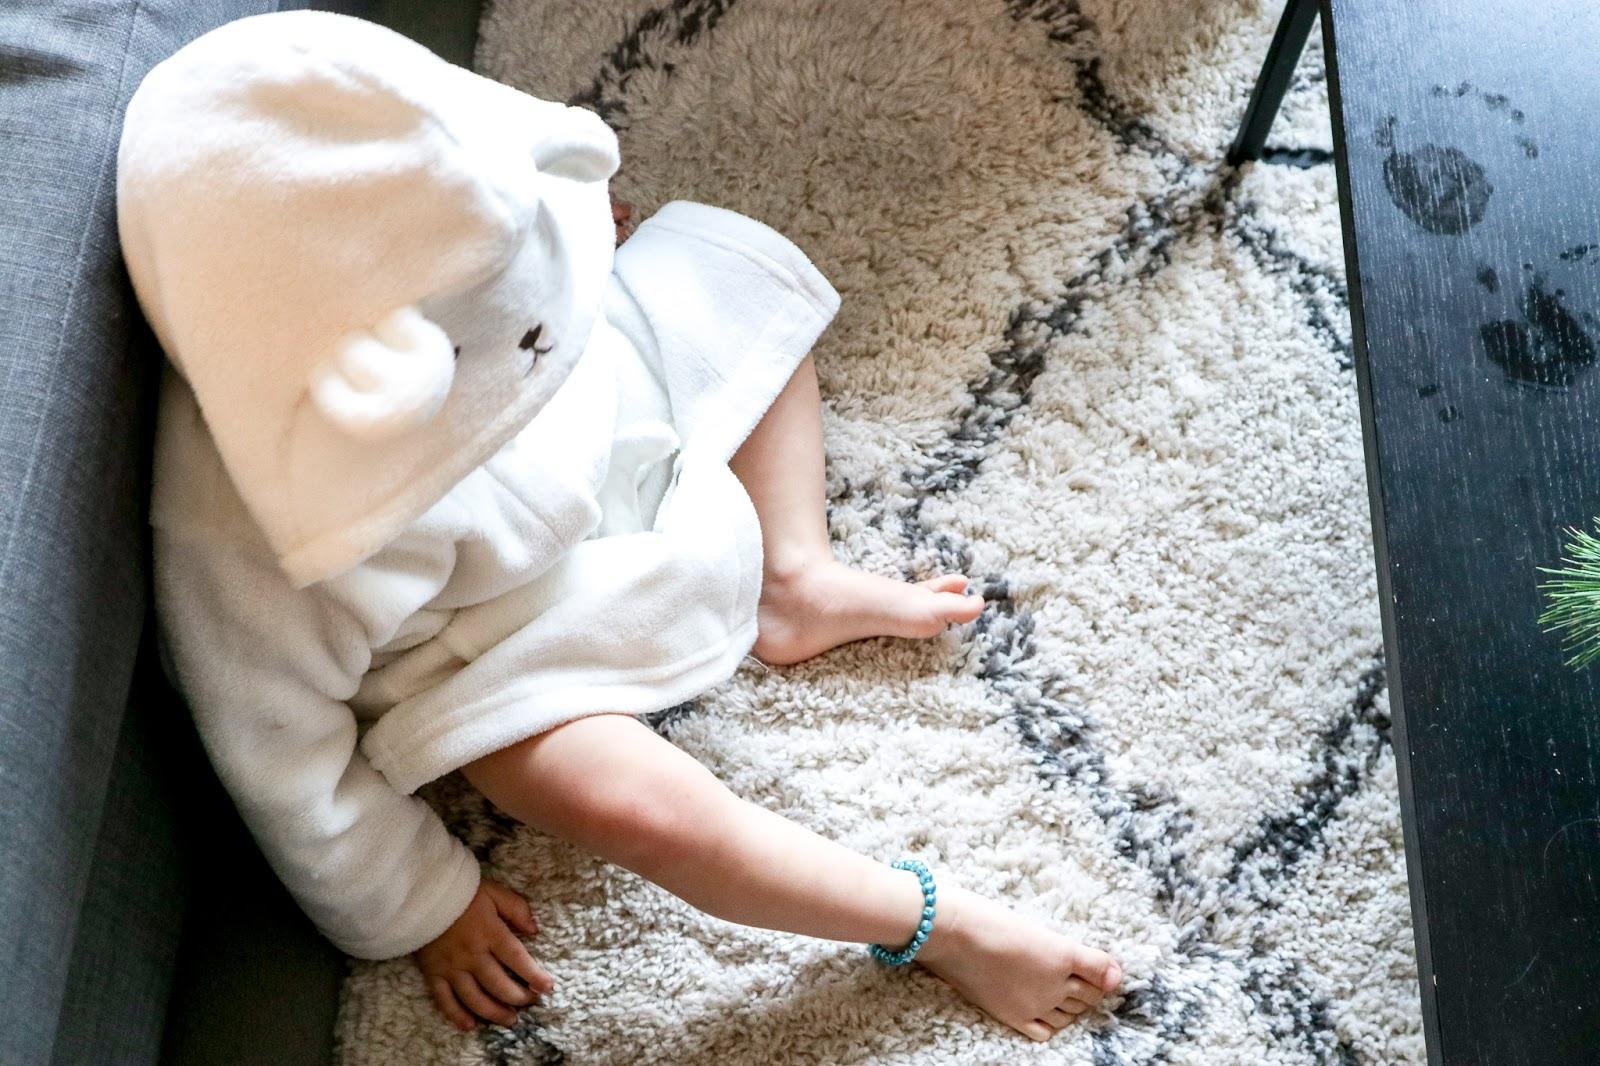 Big mamas home by Jenni S. Miten elämä poikkeustilanteessa sujuu? Koronavirus, Covid-19